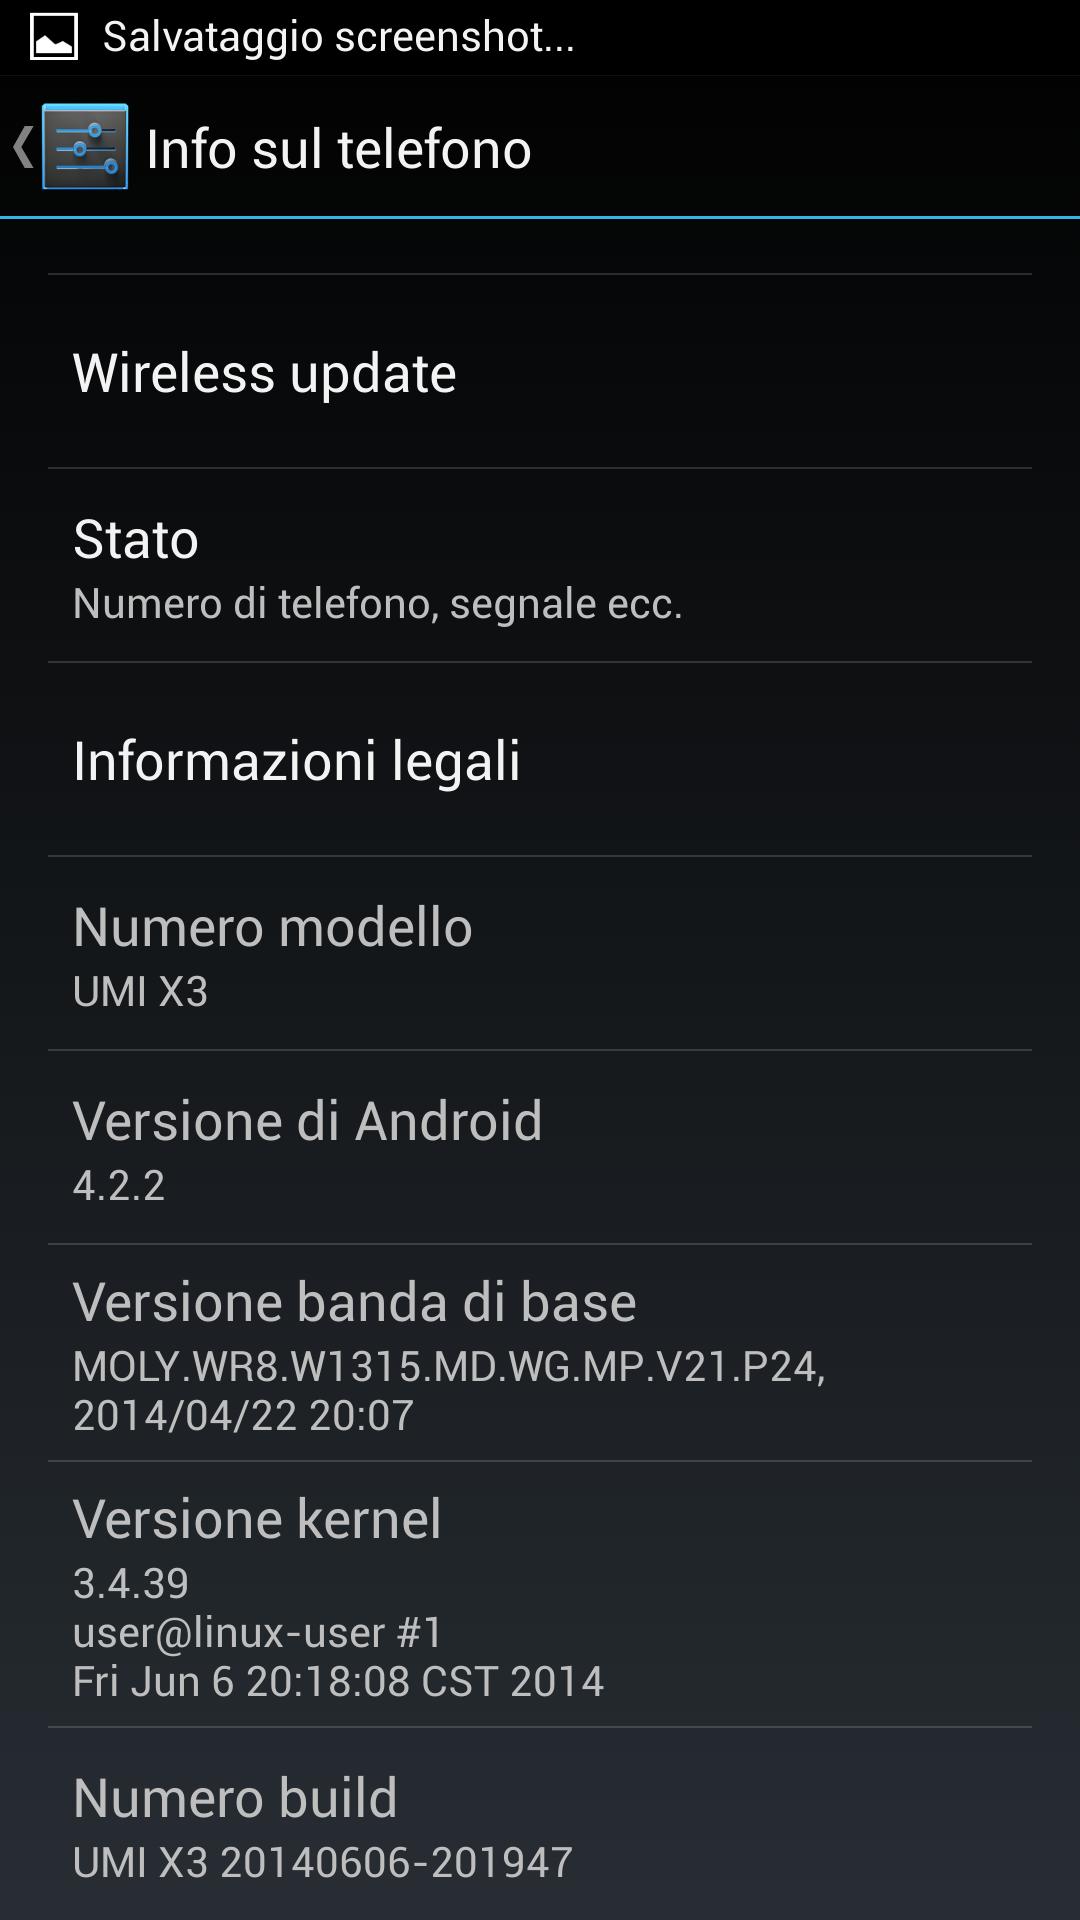 Info sul telefono Android